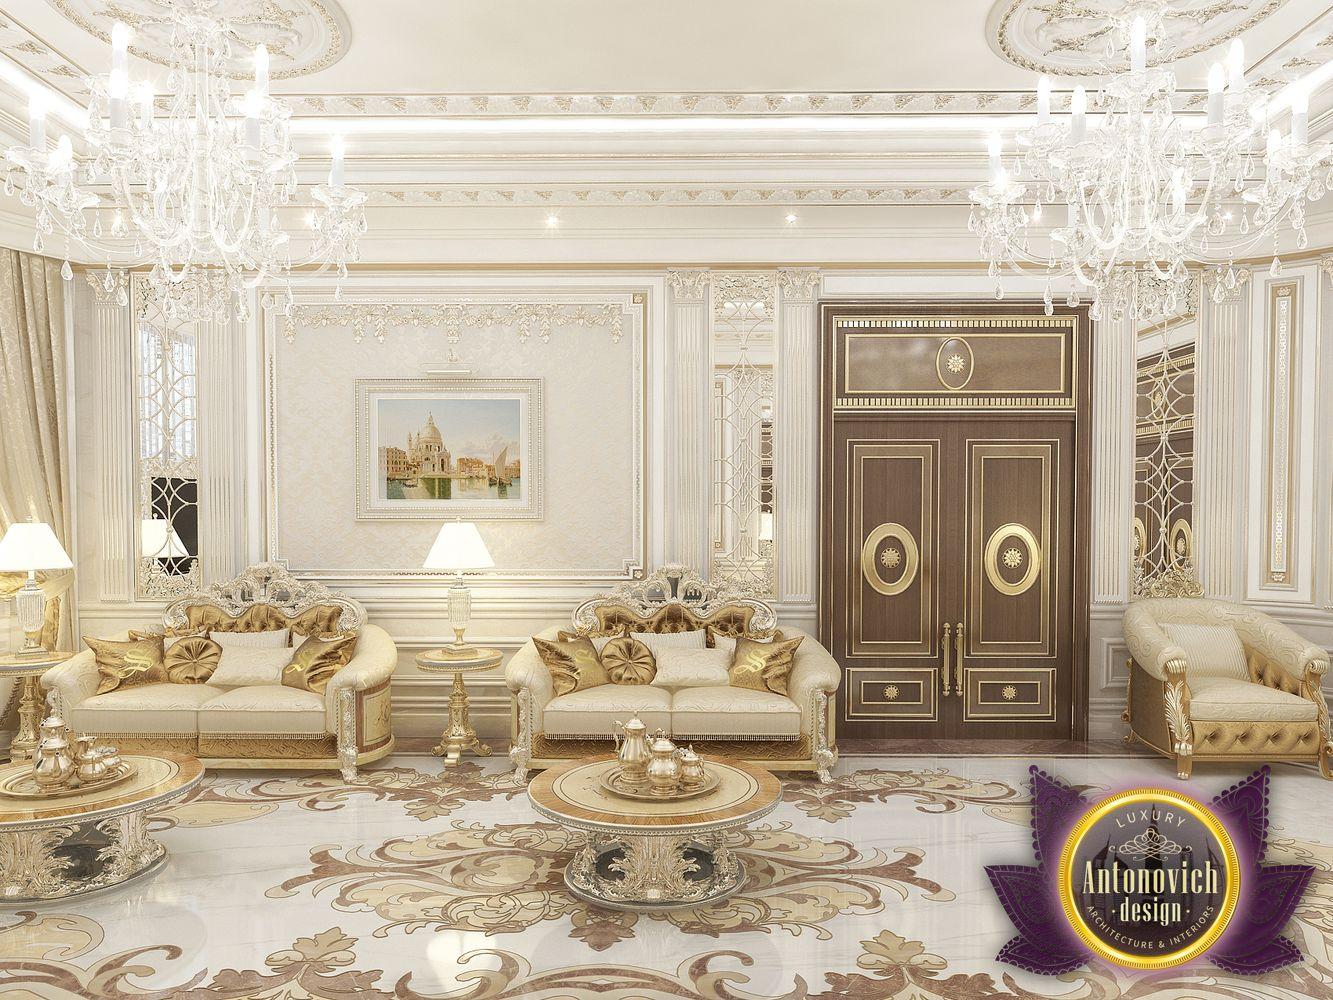 LUXURY ANTONOVICH DESIGN UAE Living room interior design